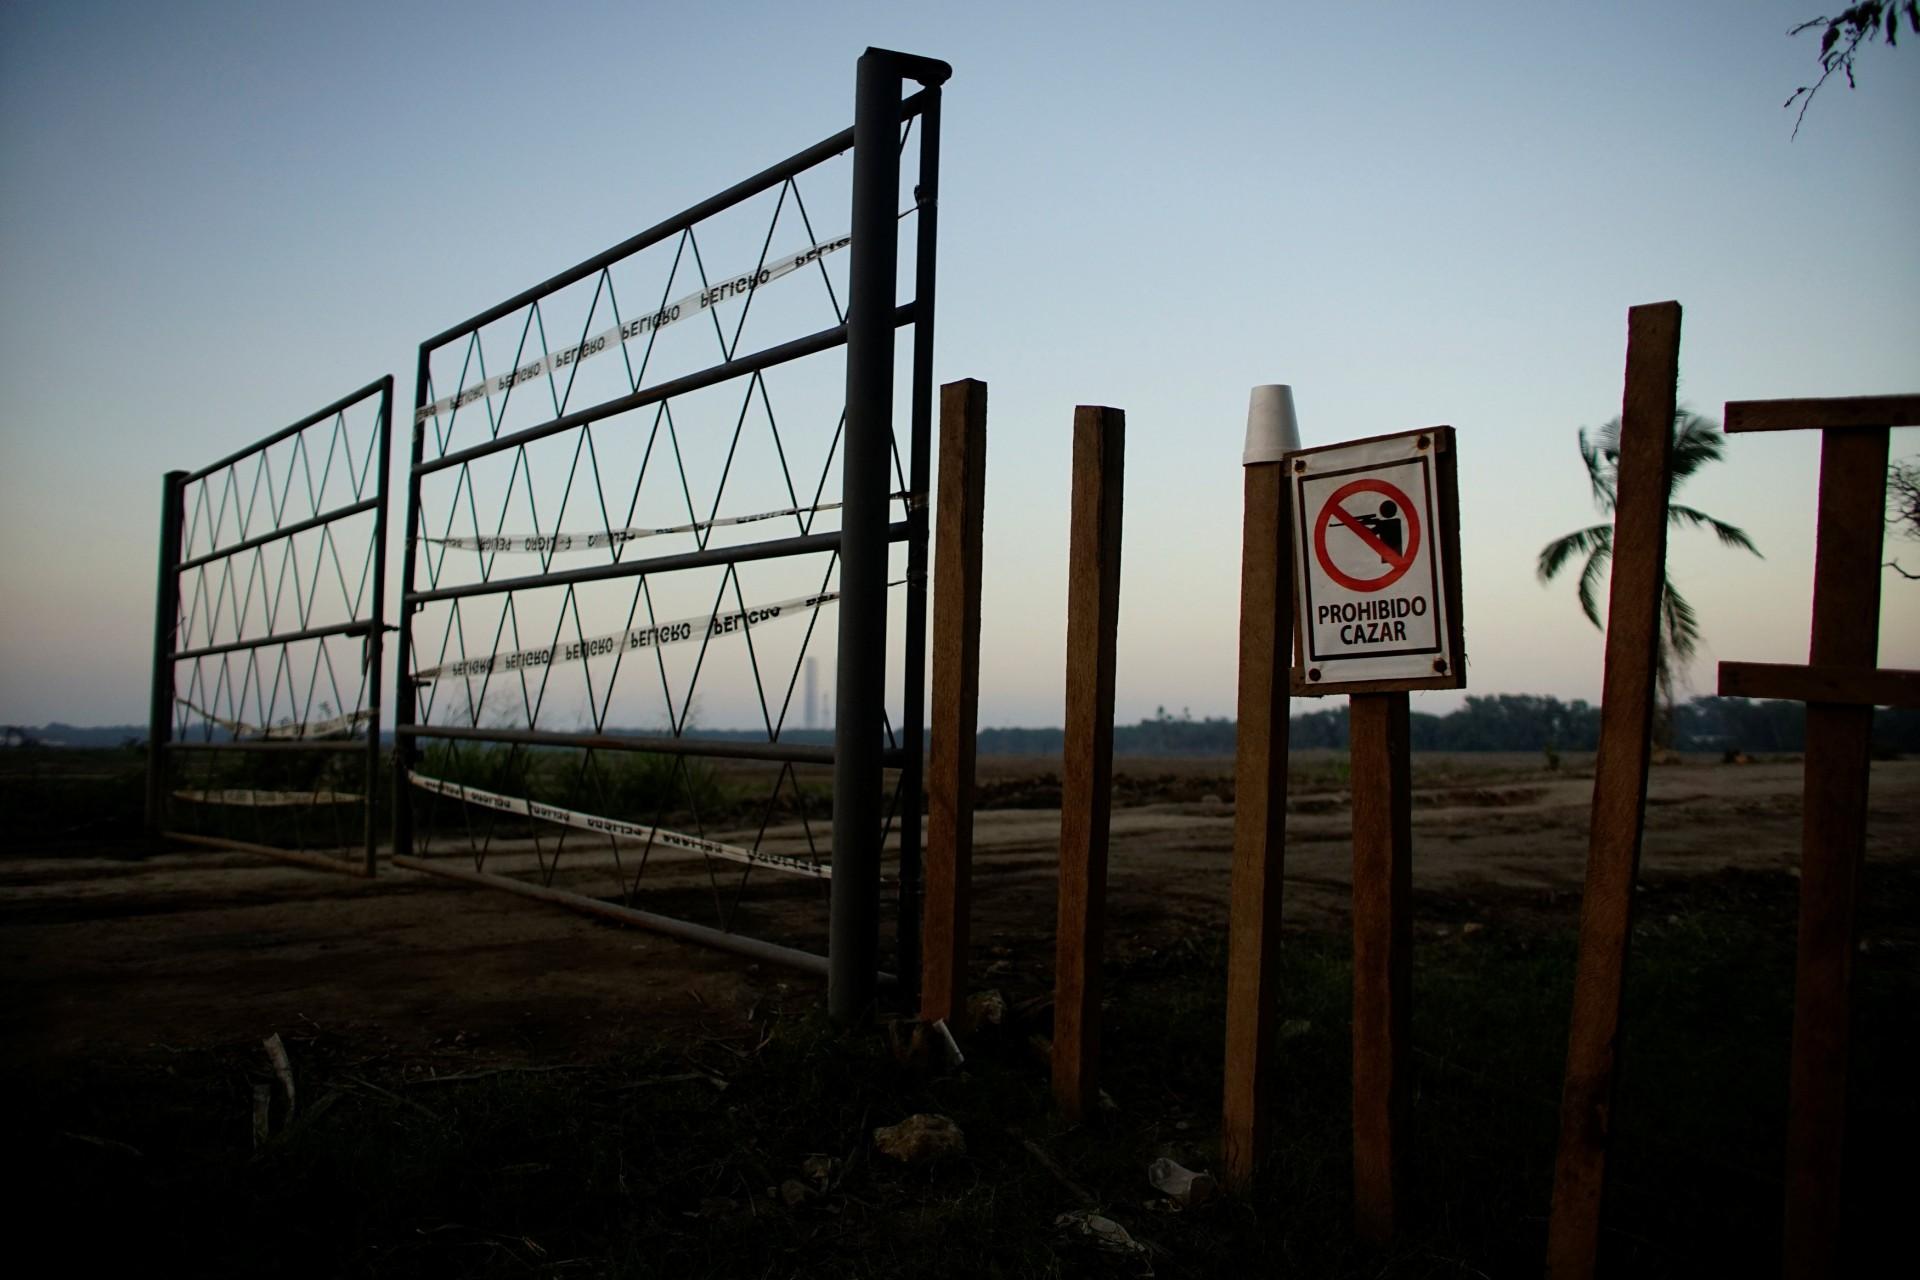 """Un cartel que dice """"Prohibido cazar"""" en español, se encuentra en la entrada de un área que pertenece a la compañía petrolera estatal Pemex, en la cual se planea construir una nueva refinería de petróleo en Paraiso, México, el 8 de diciembre de 2018."""